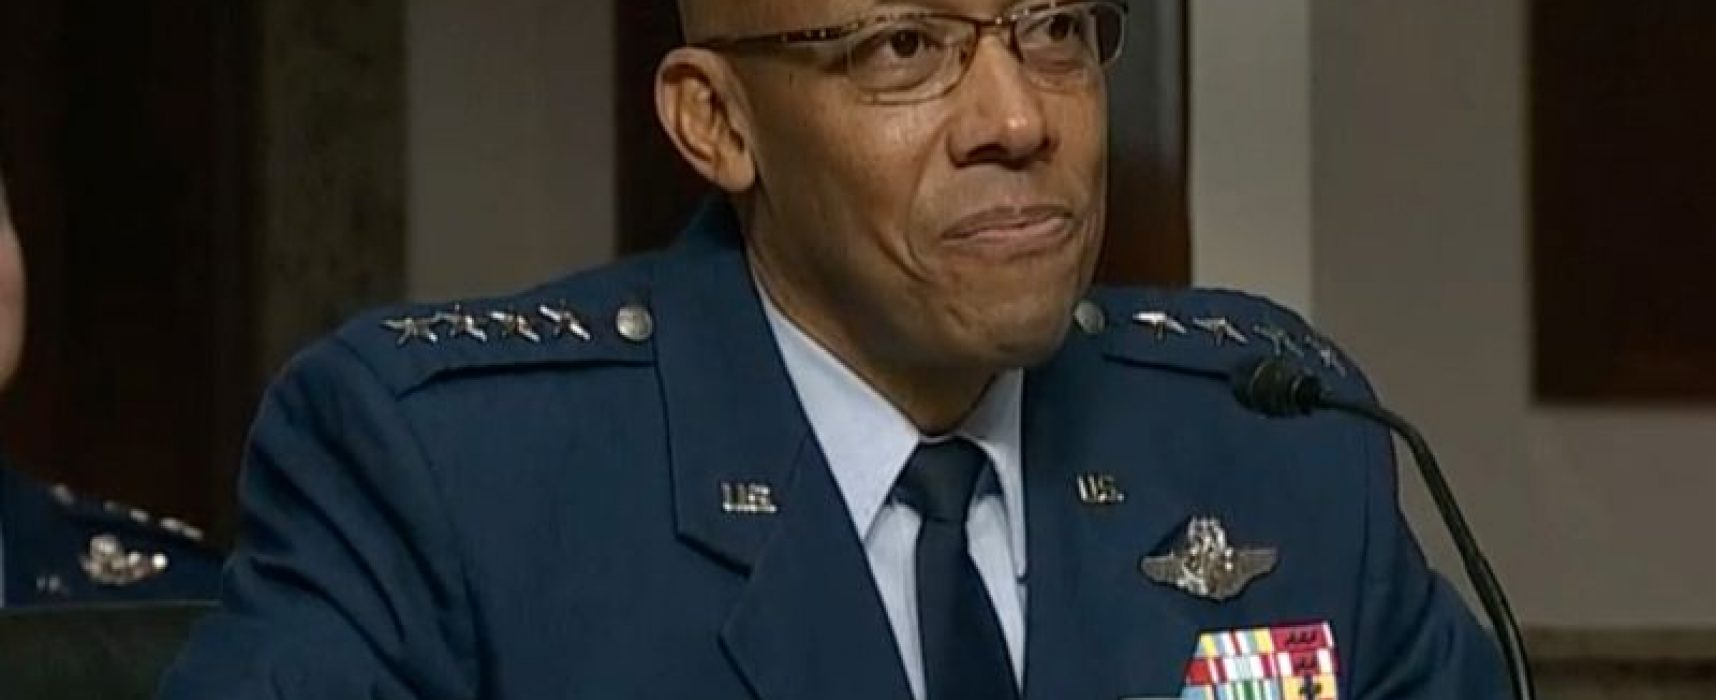 Фейк російських ЗМІ: начштабу ВПС США заявив про підготовку до війни з Росією і Китаєм